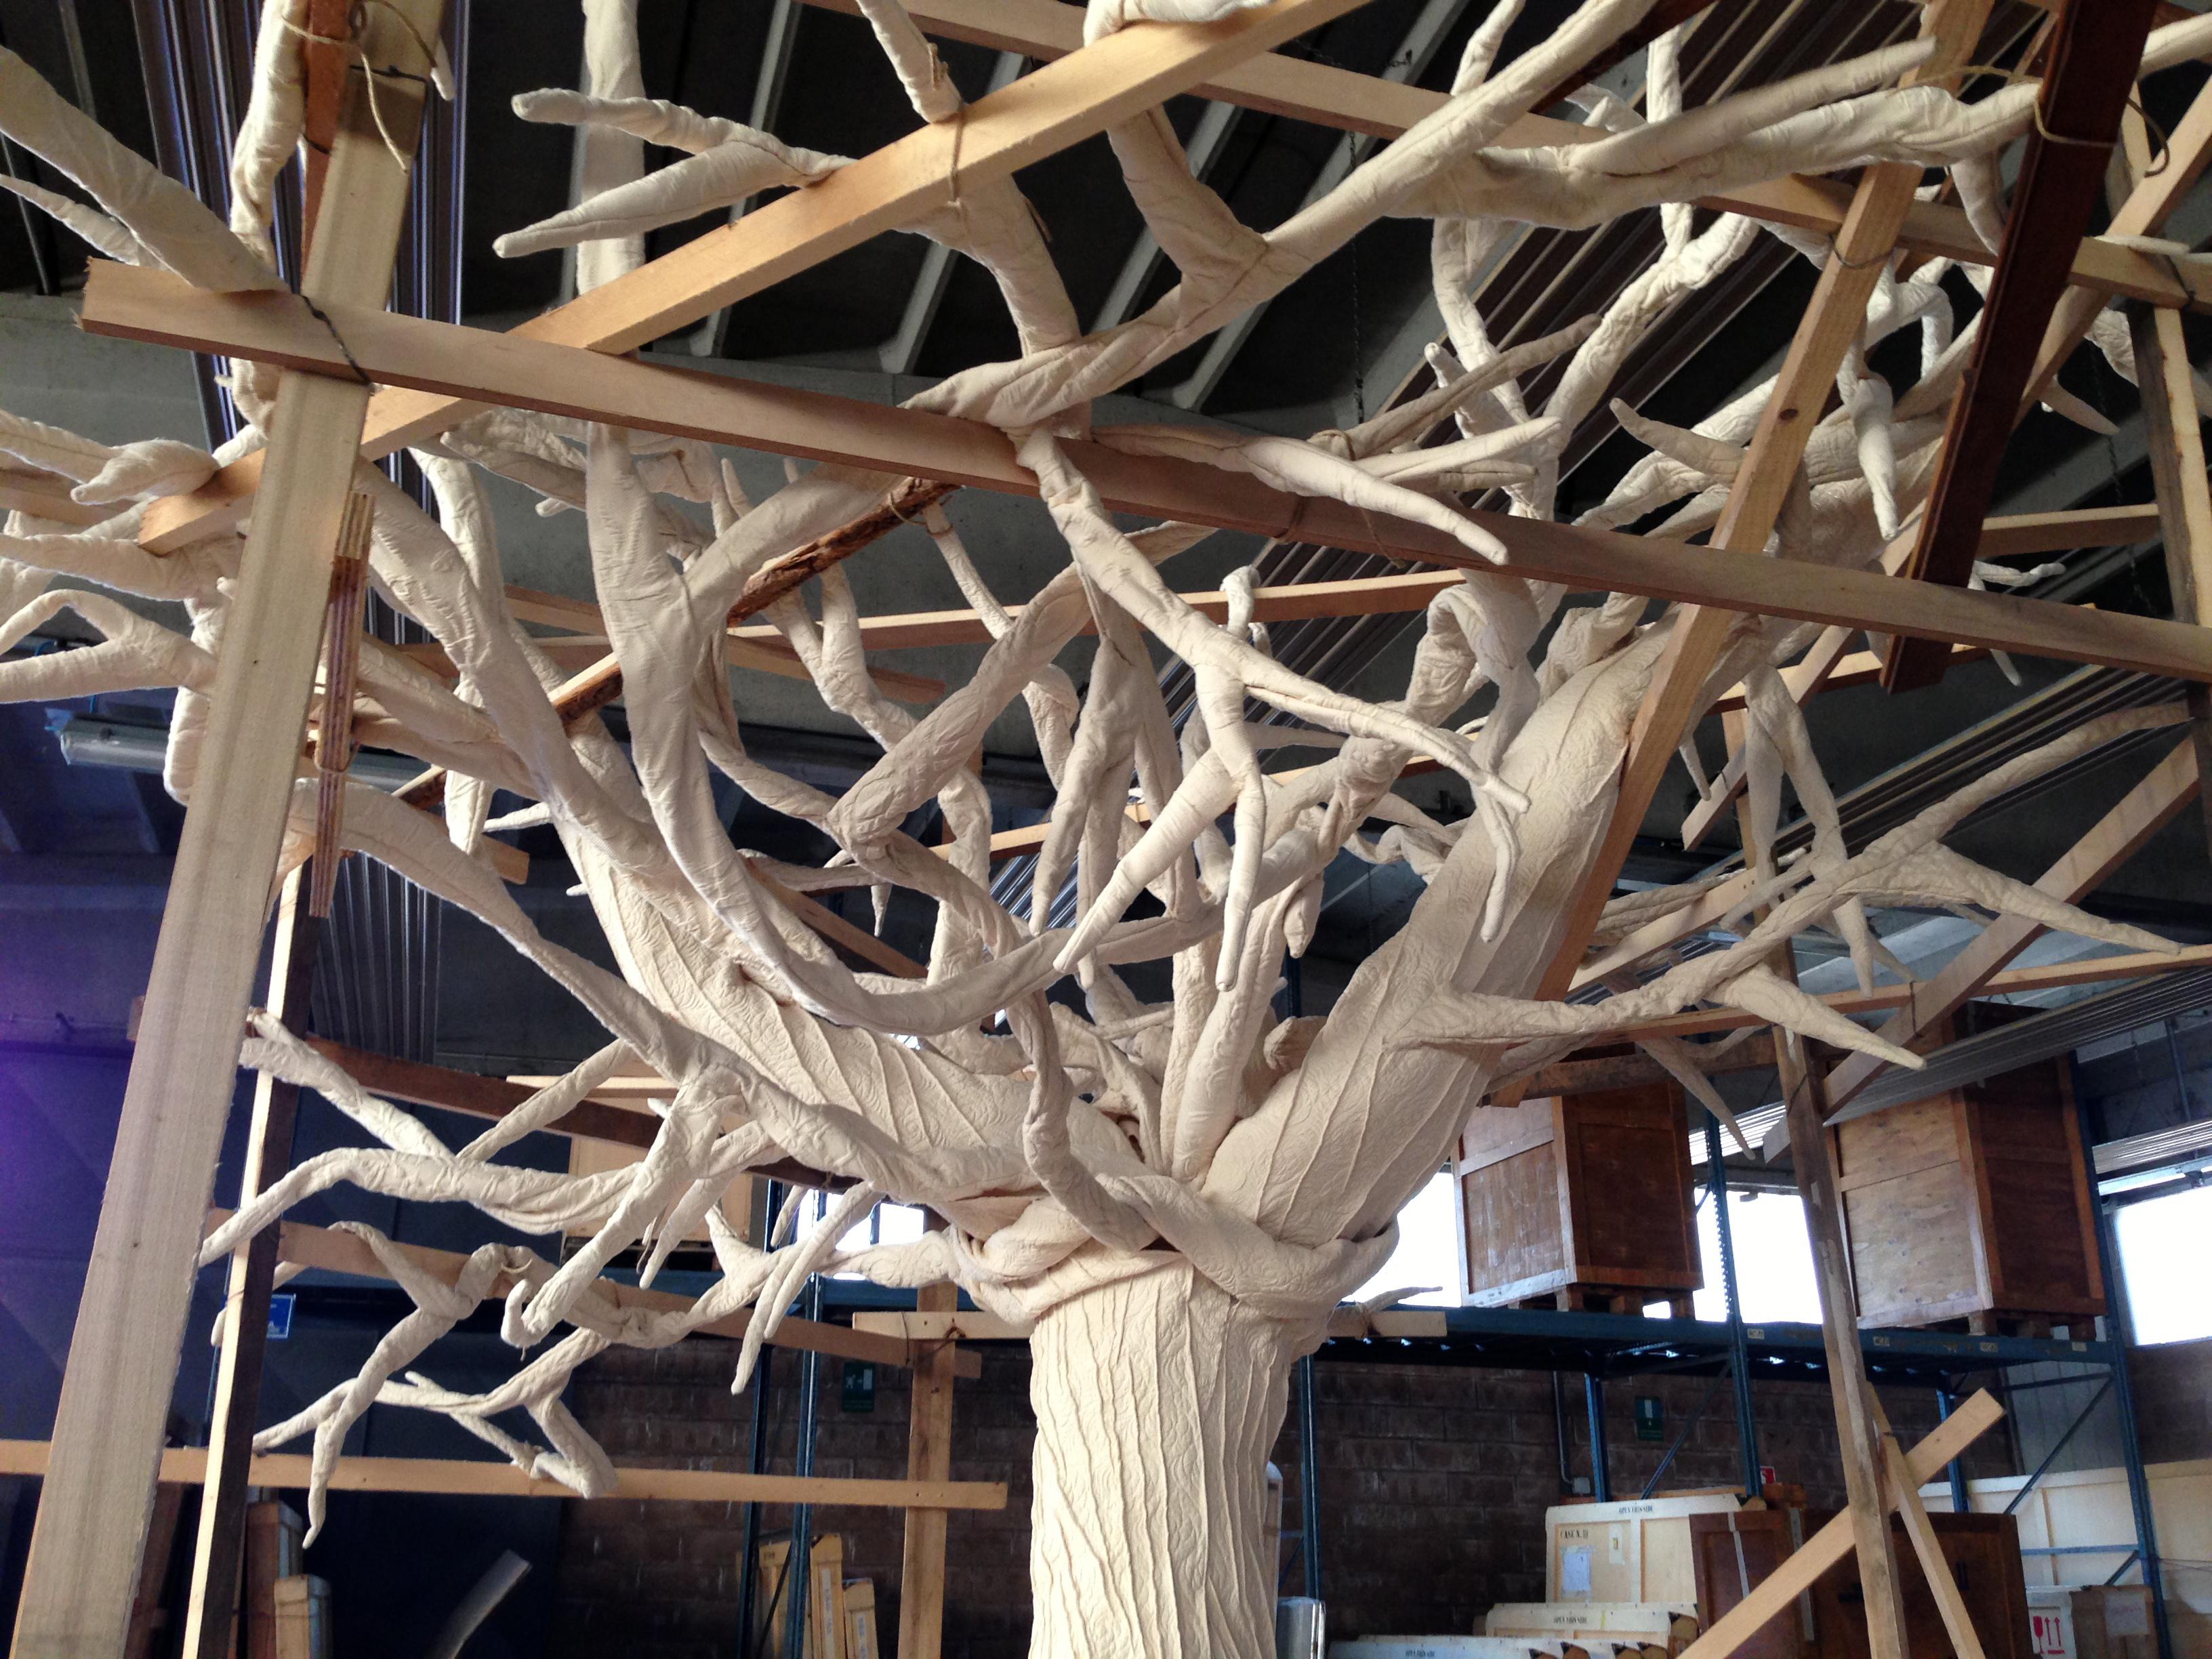 Elizabeth Aro, Provvisorio per sempre, 2013, velluto di cotone, legno, 300 x 400 x 350 cm. Courtesy Gagliardi Art System Torino